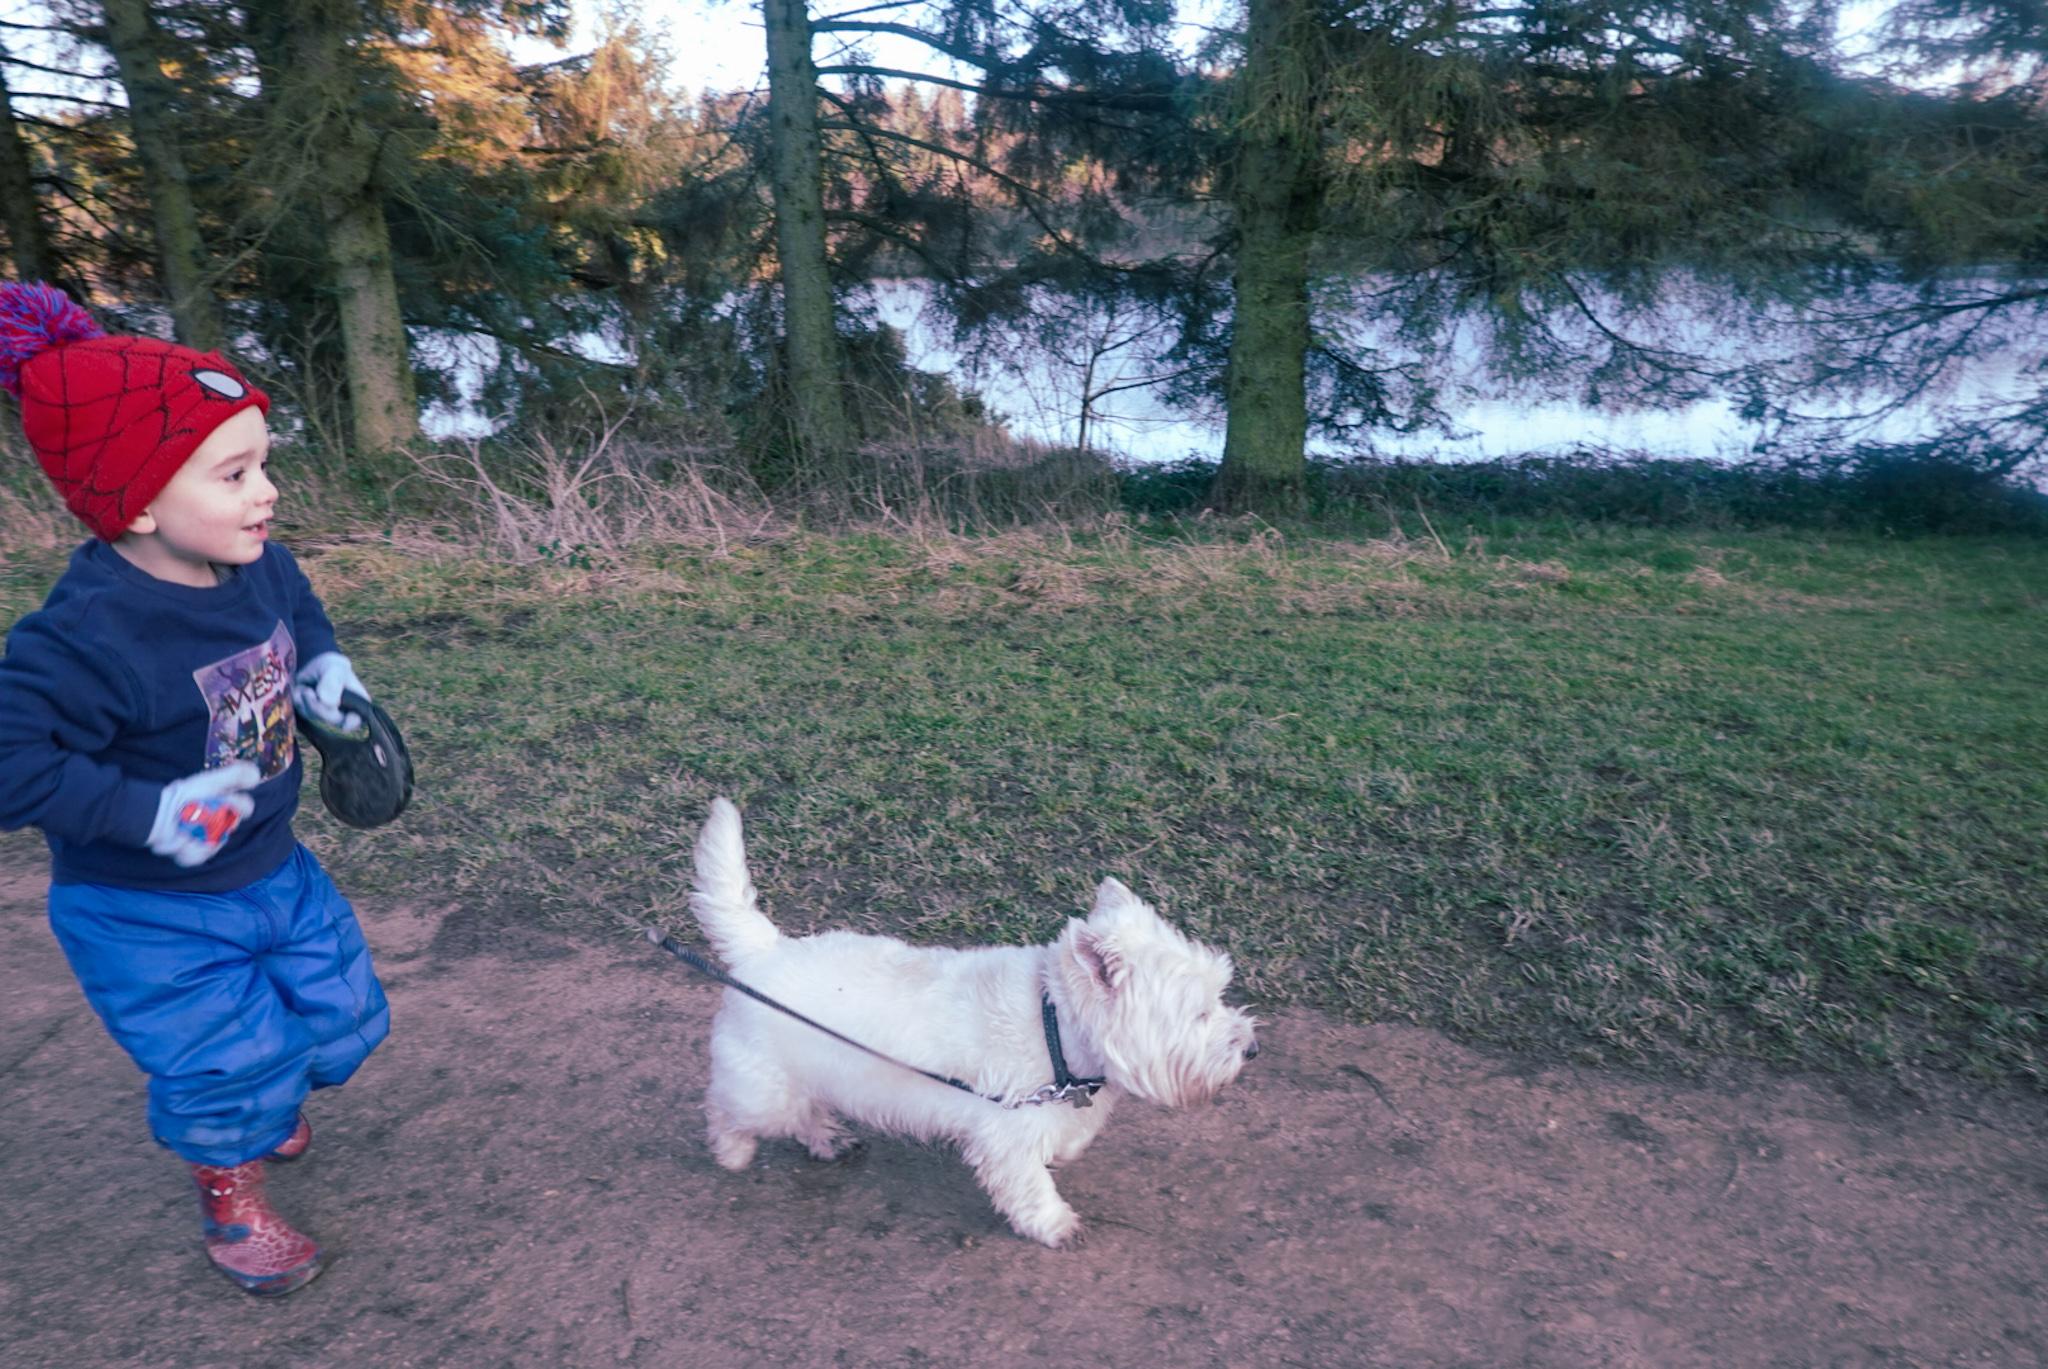 dog friendly walk in North Yorkshire